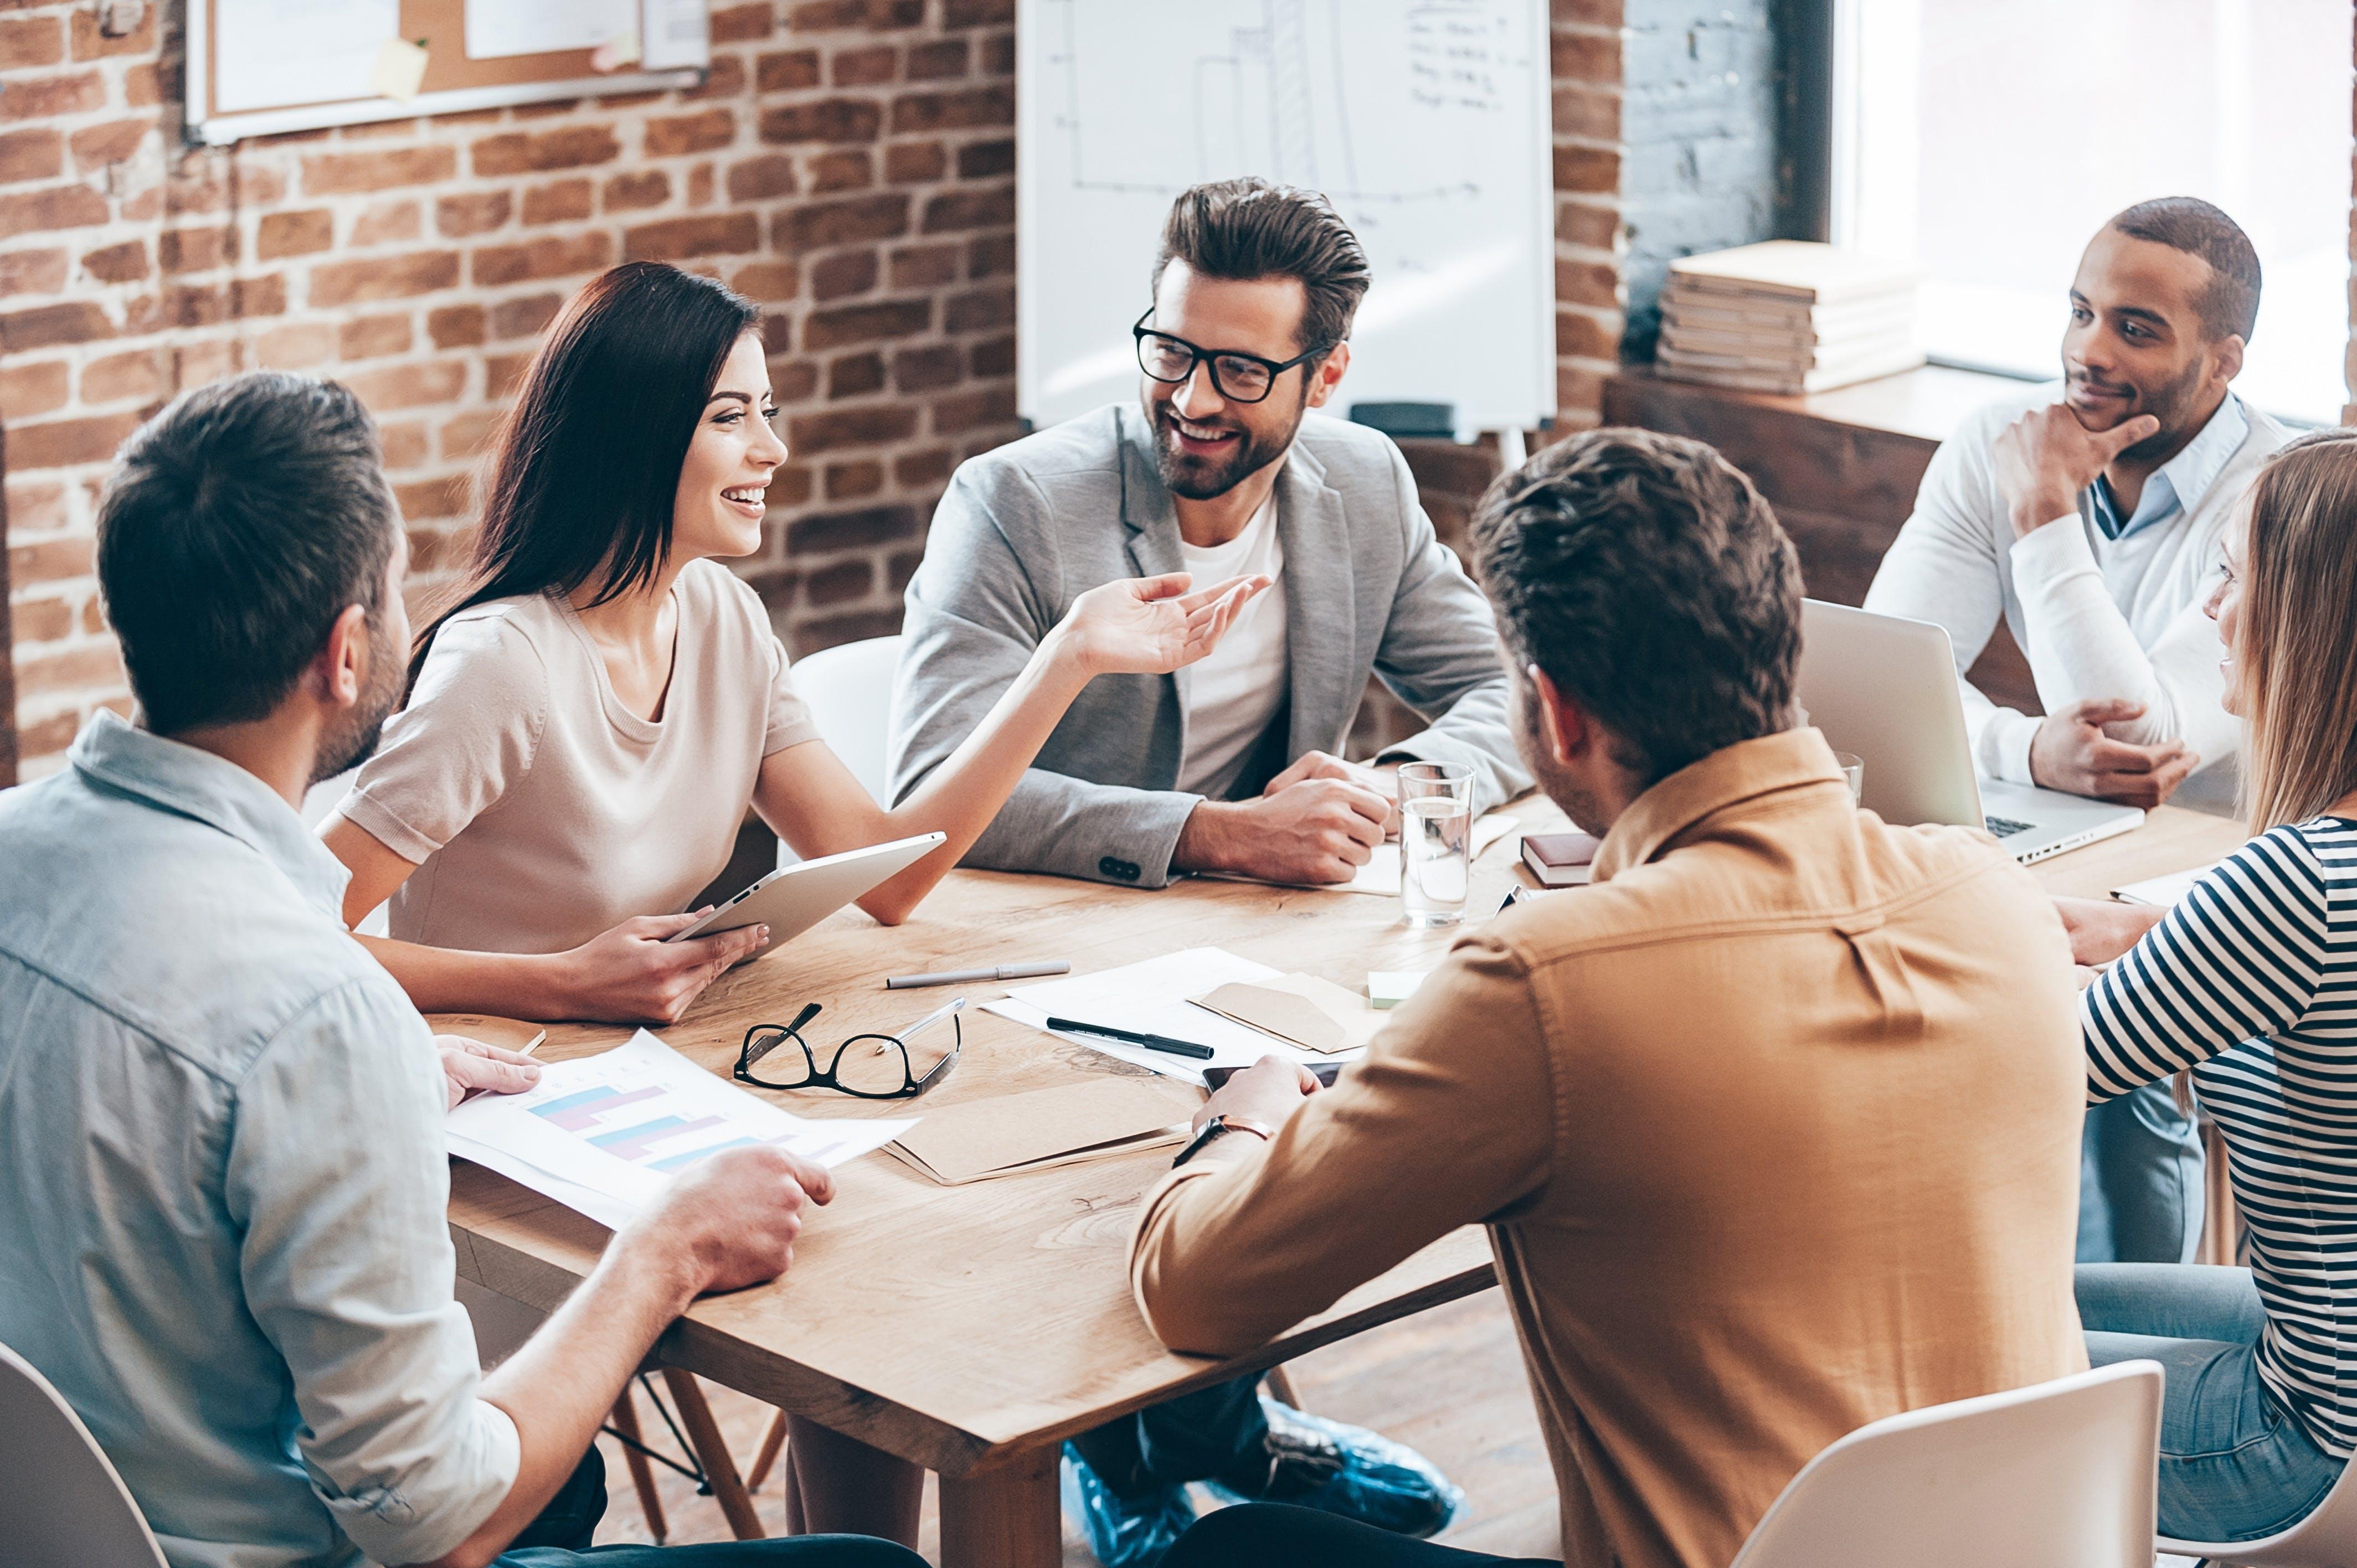 Team-Start-up-Meeting-Konferenz-Diskussion-Planning-Analytics-shutterstock-370390046-g-stockstudio